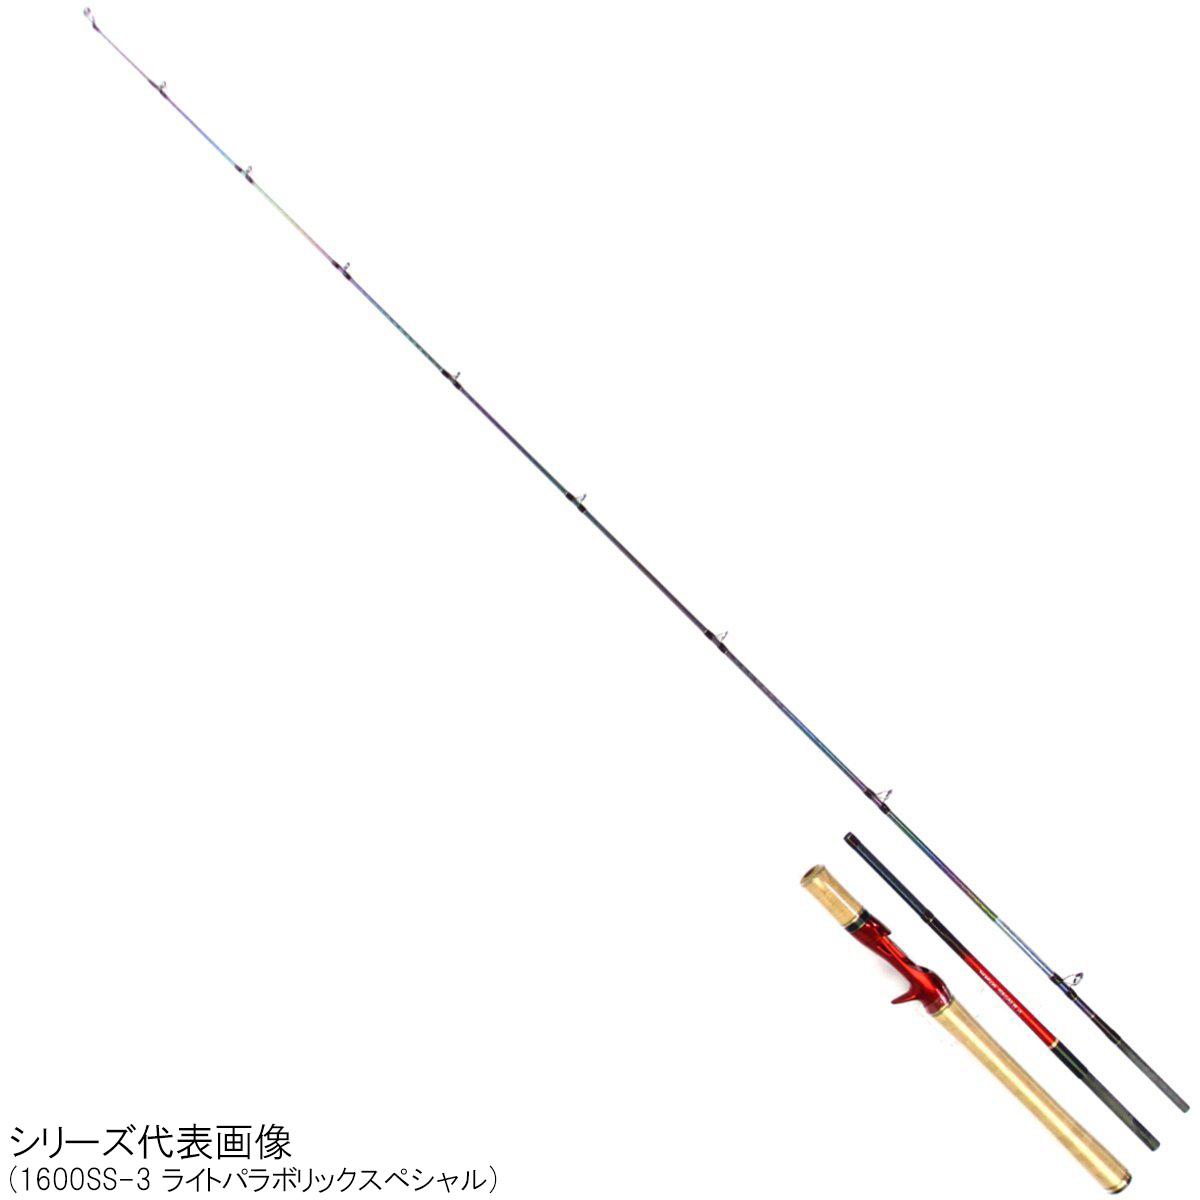 シマノ ワールドシャウラ(ベイト) 1602SS-3 トラディショナルプラッギングスペシャル【大型商品】